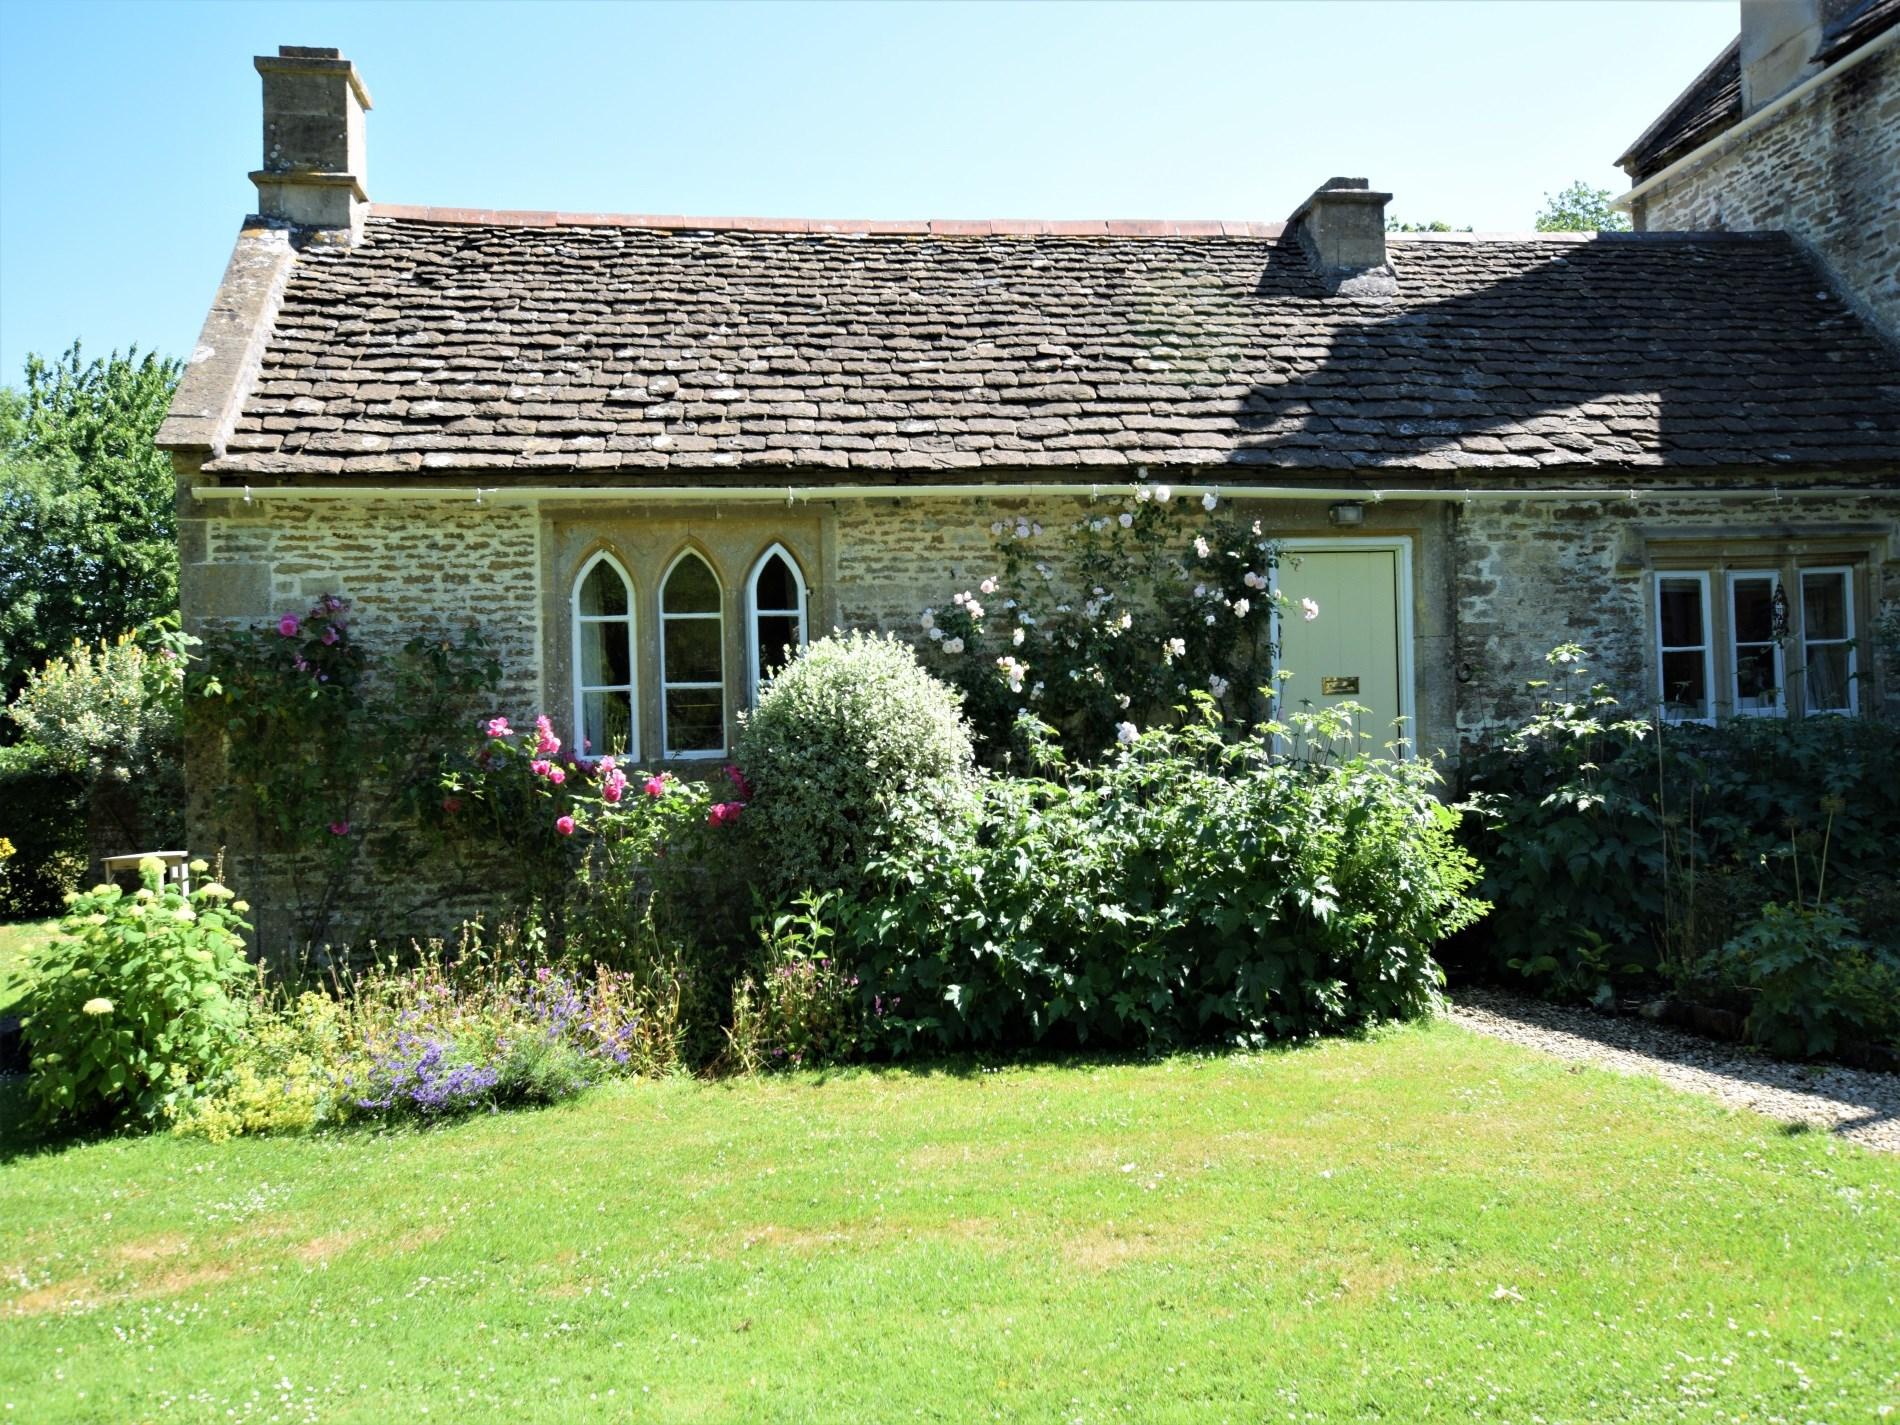 Ferienhaus in Bath